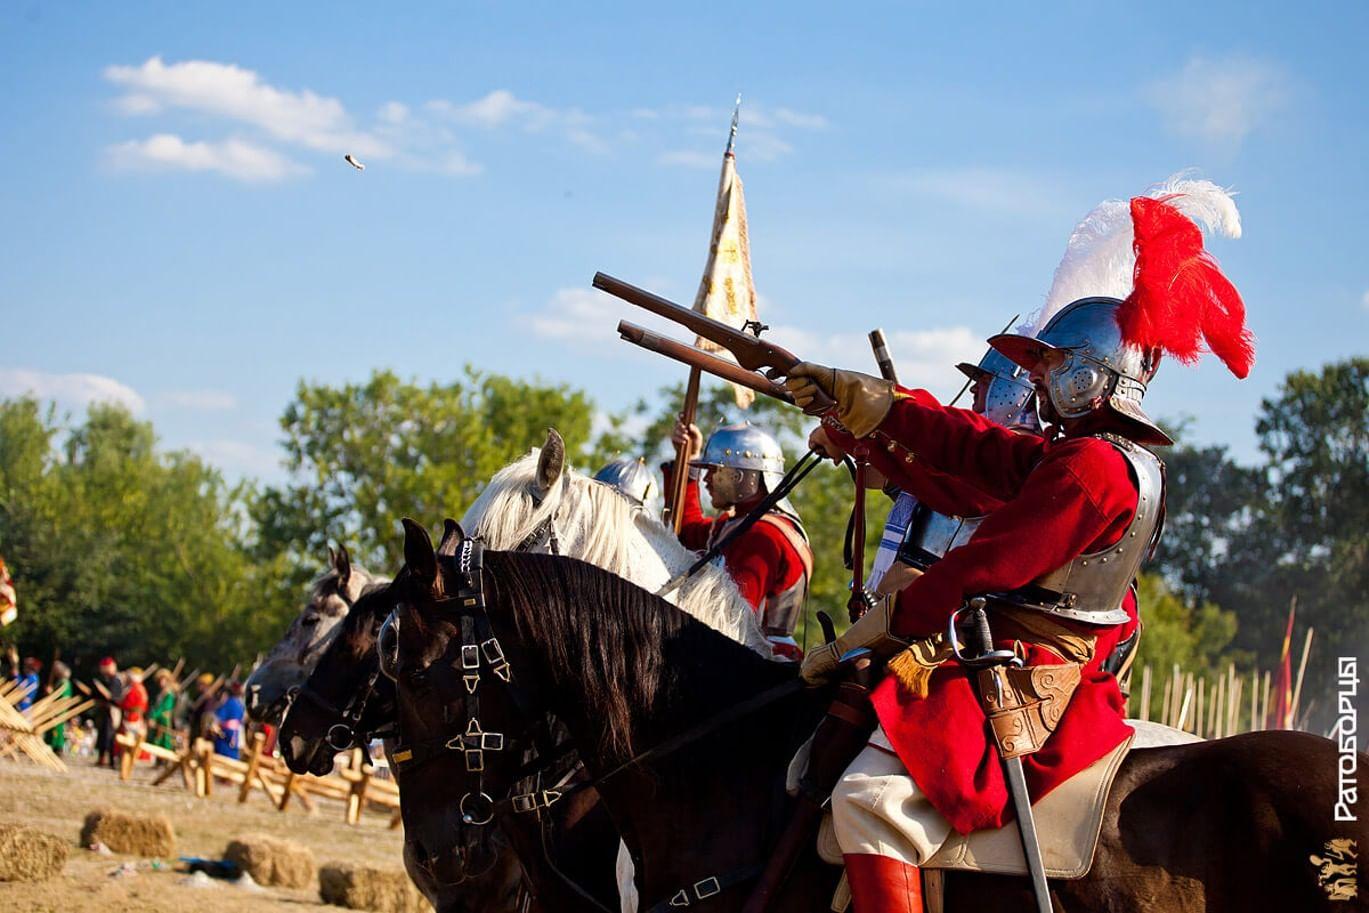 Фестиваль исторической реконструкции «Времена и Эпохи» пройдет в Москве. Галерея 1